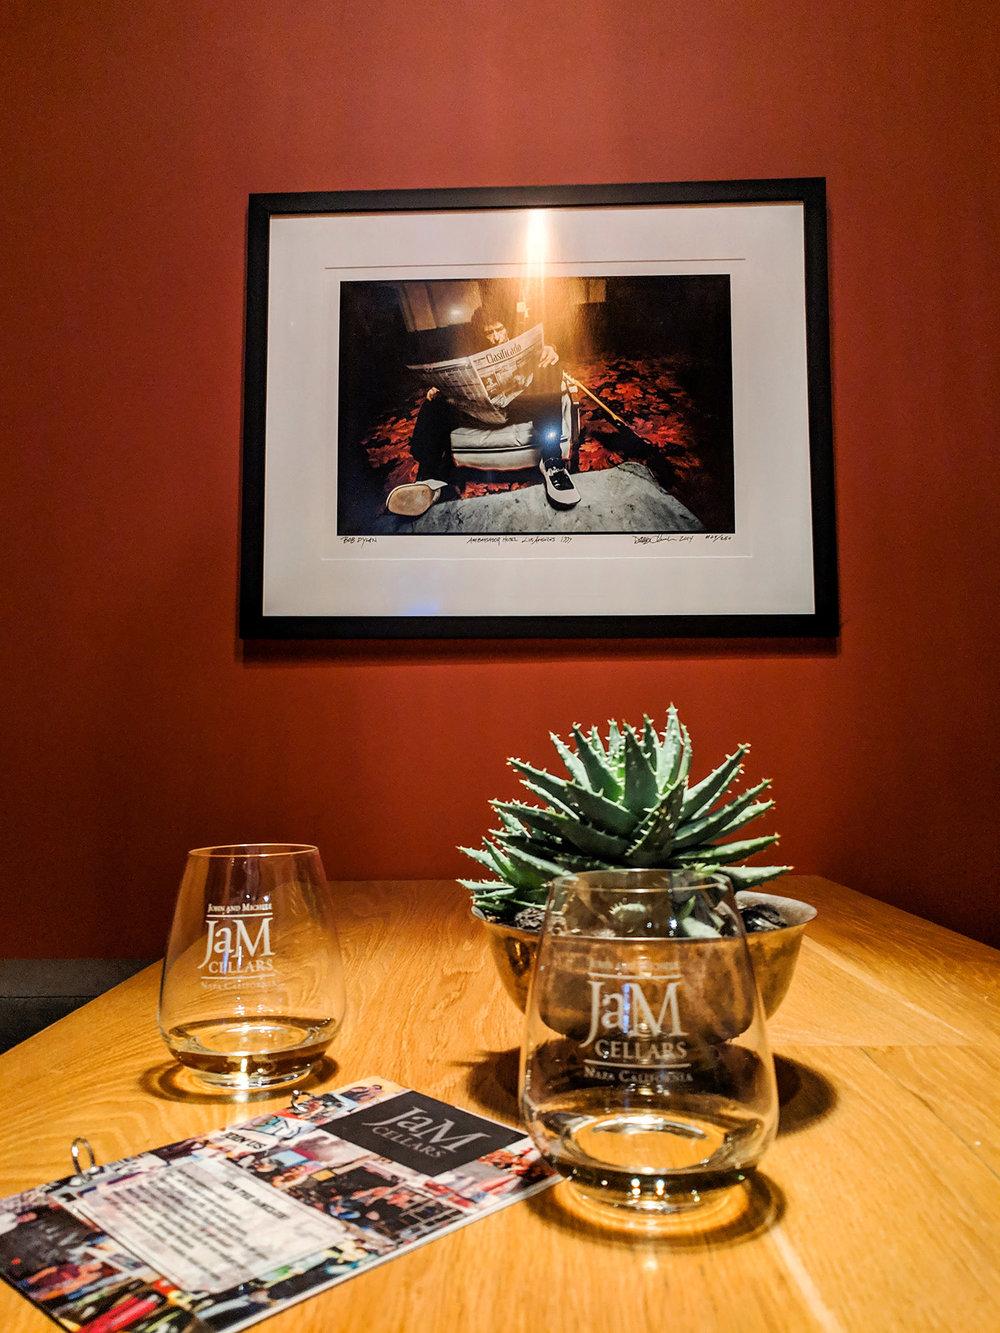 JaM Cellars table.jpg